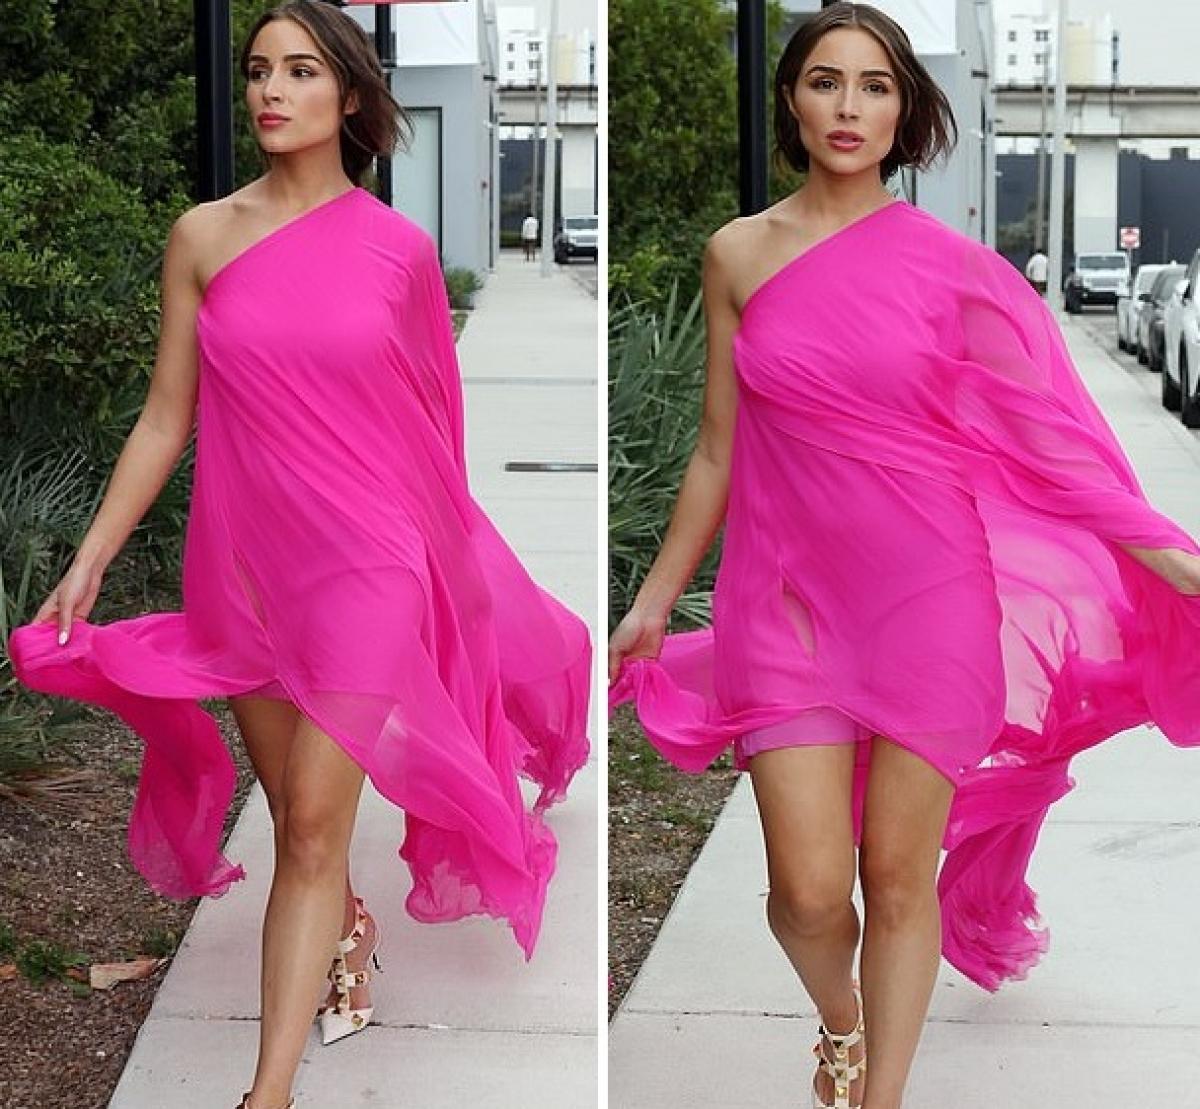 Sau khi giành danh hiệu Hoa hậu Hoàn vũ, Olivia Culpo trở nên rất nổi tiếng trên mạng xã hội./.